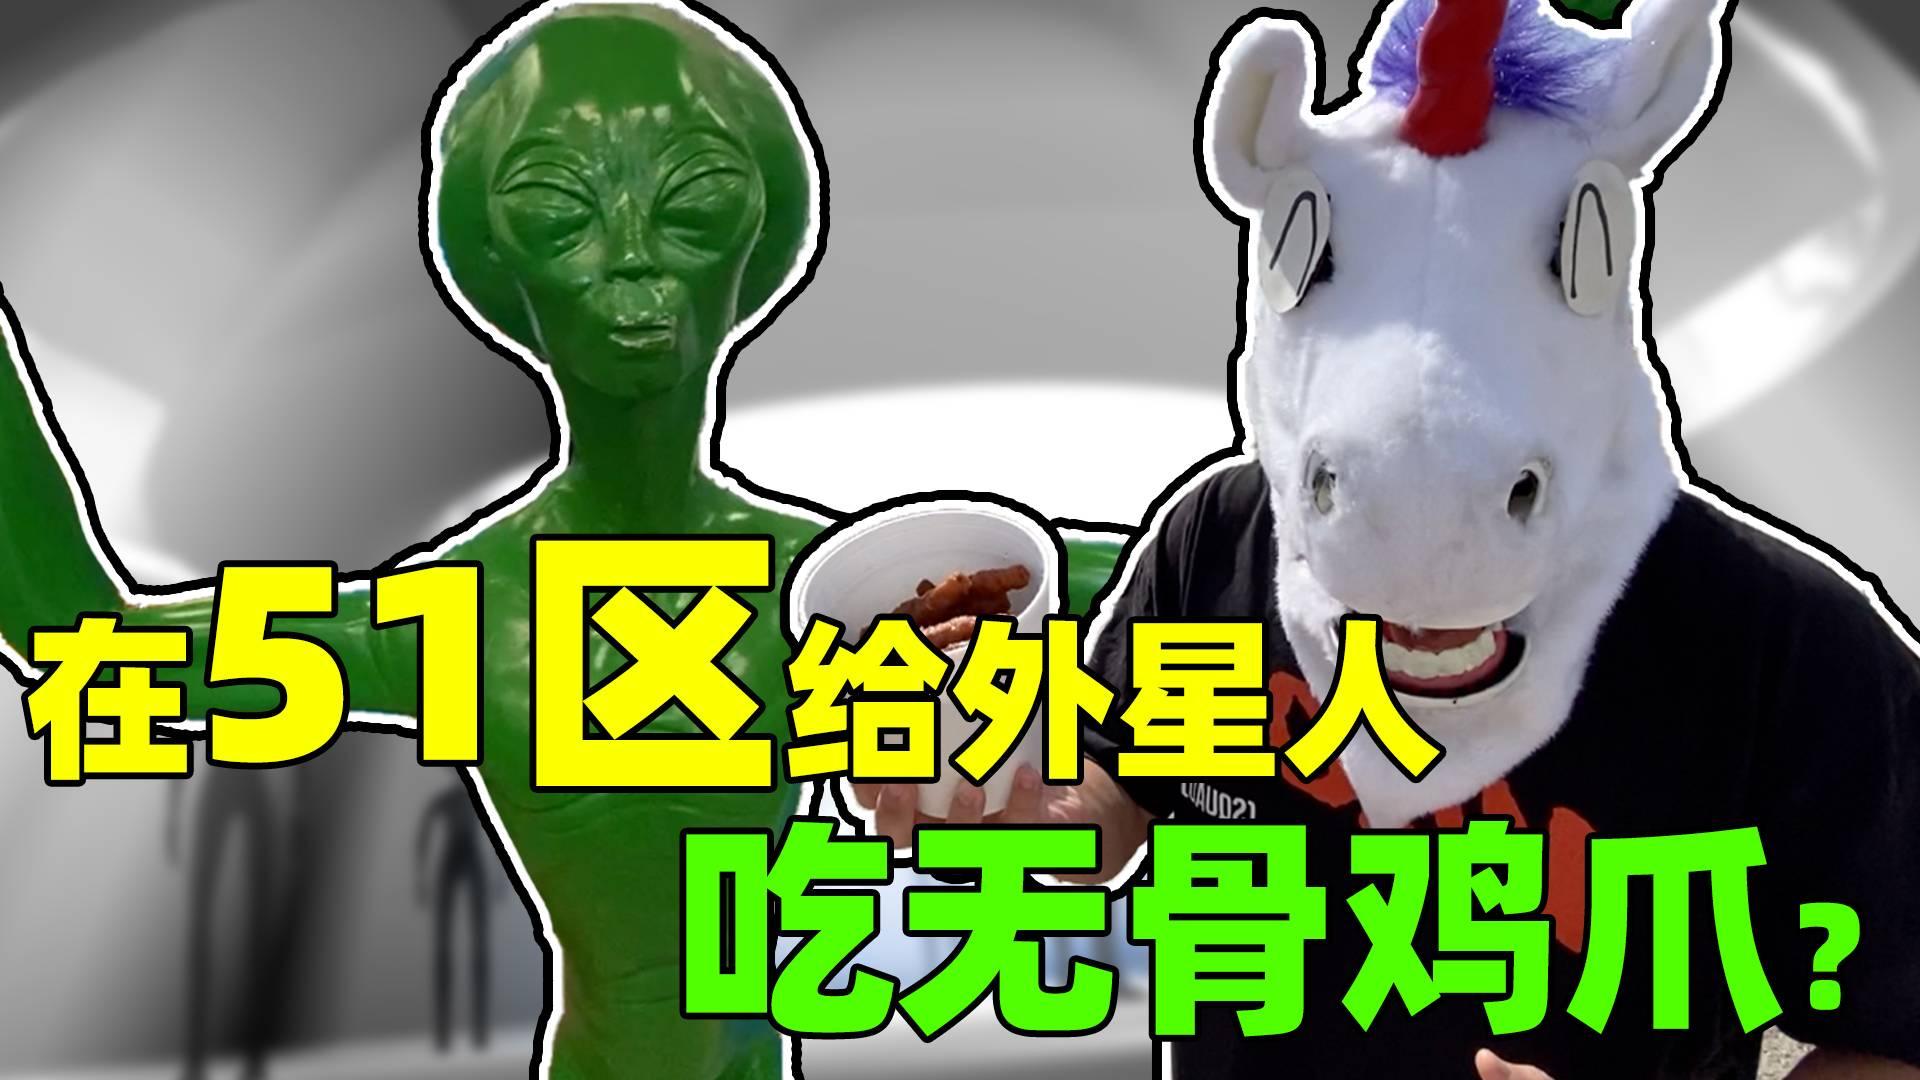 在神秘的51区,给外星人准备了一份中国美食。也不知道他们能接受不?